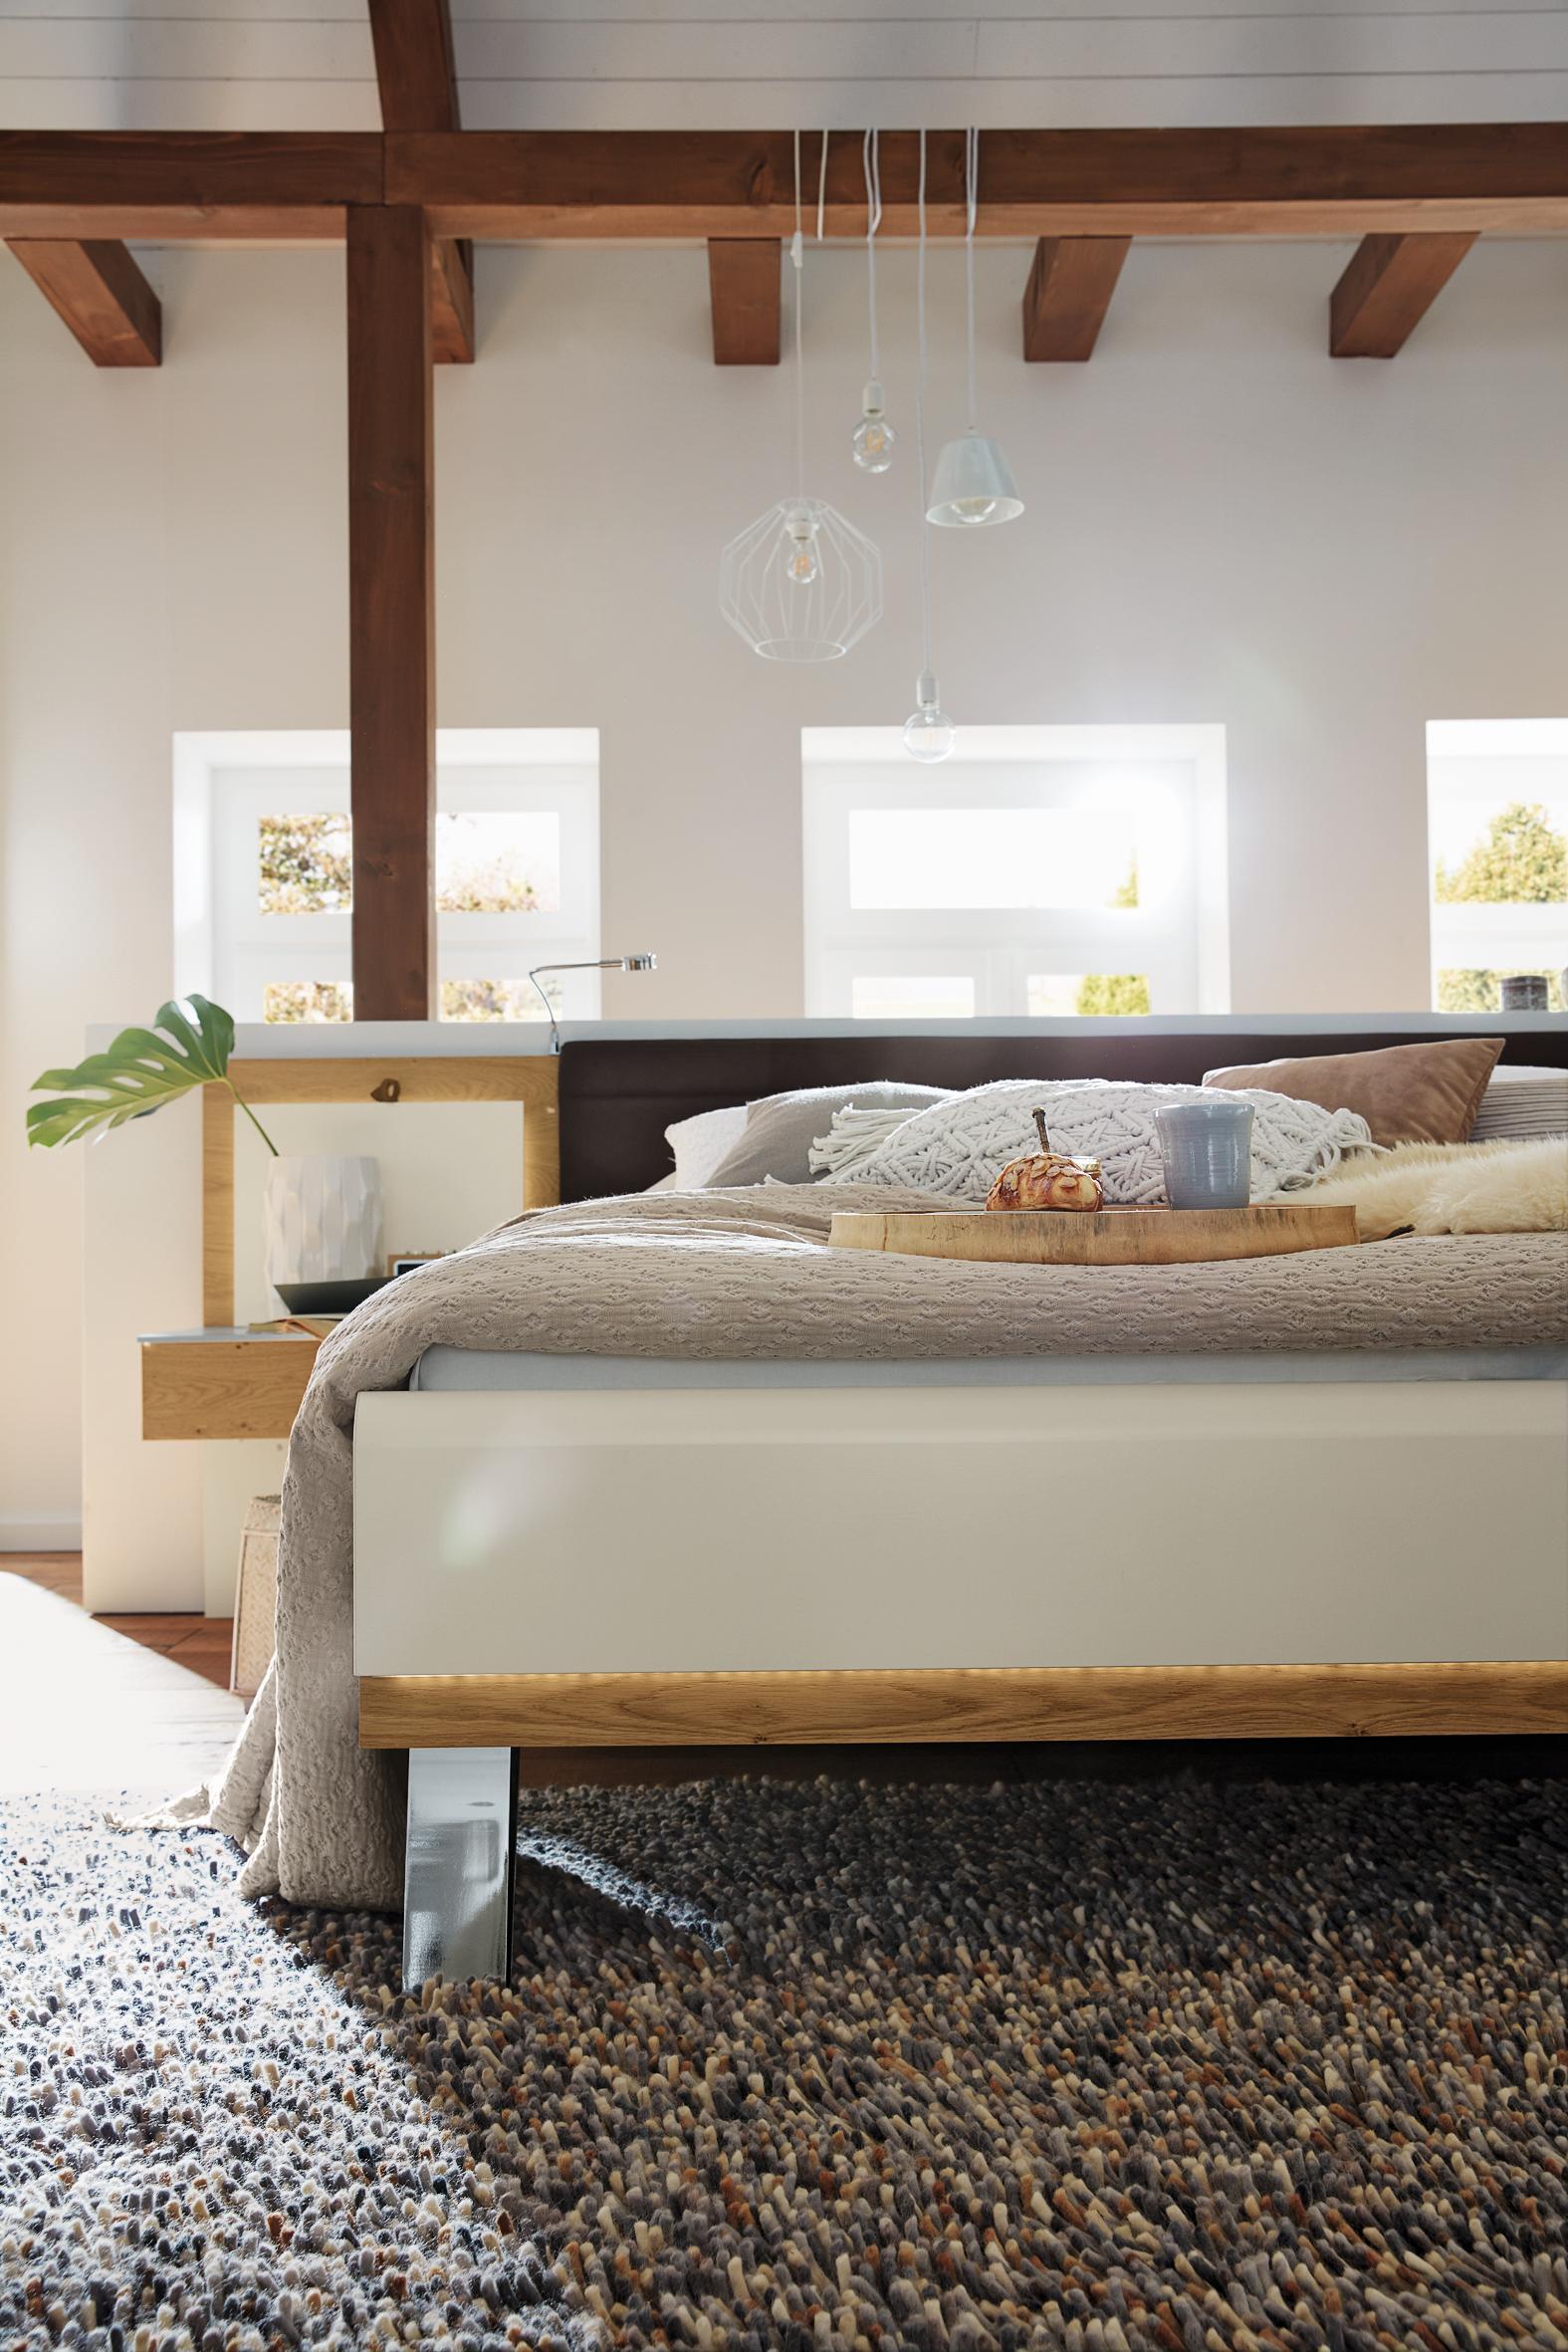 Full Size of Saphira Musterring Kinder Betten Ausgefallene Mit Bettkasten Günstige 180x200 160x200 200x220 Poco Paradies Luxus Französische Matratze Und Lattenrost Bett Musterring Betten